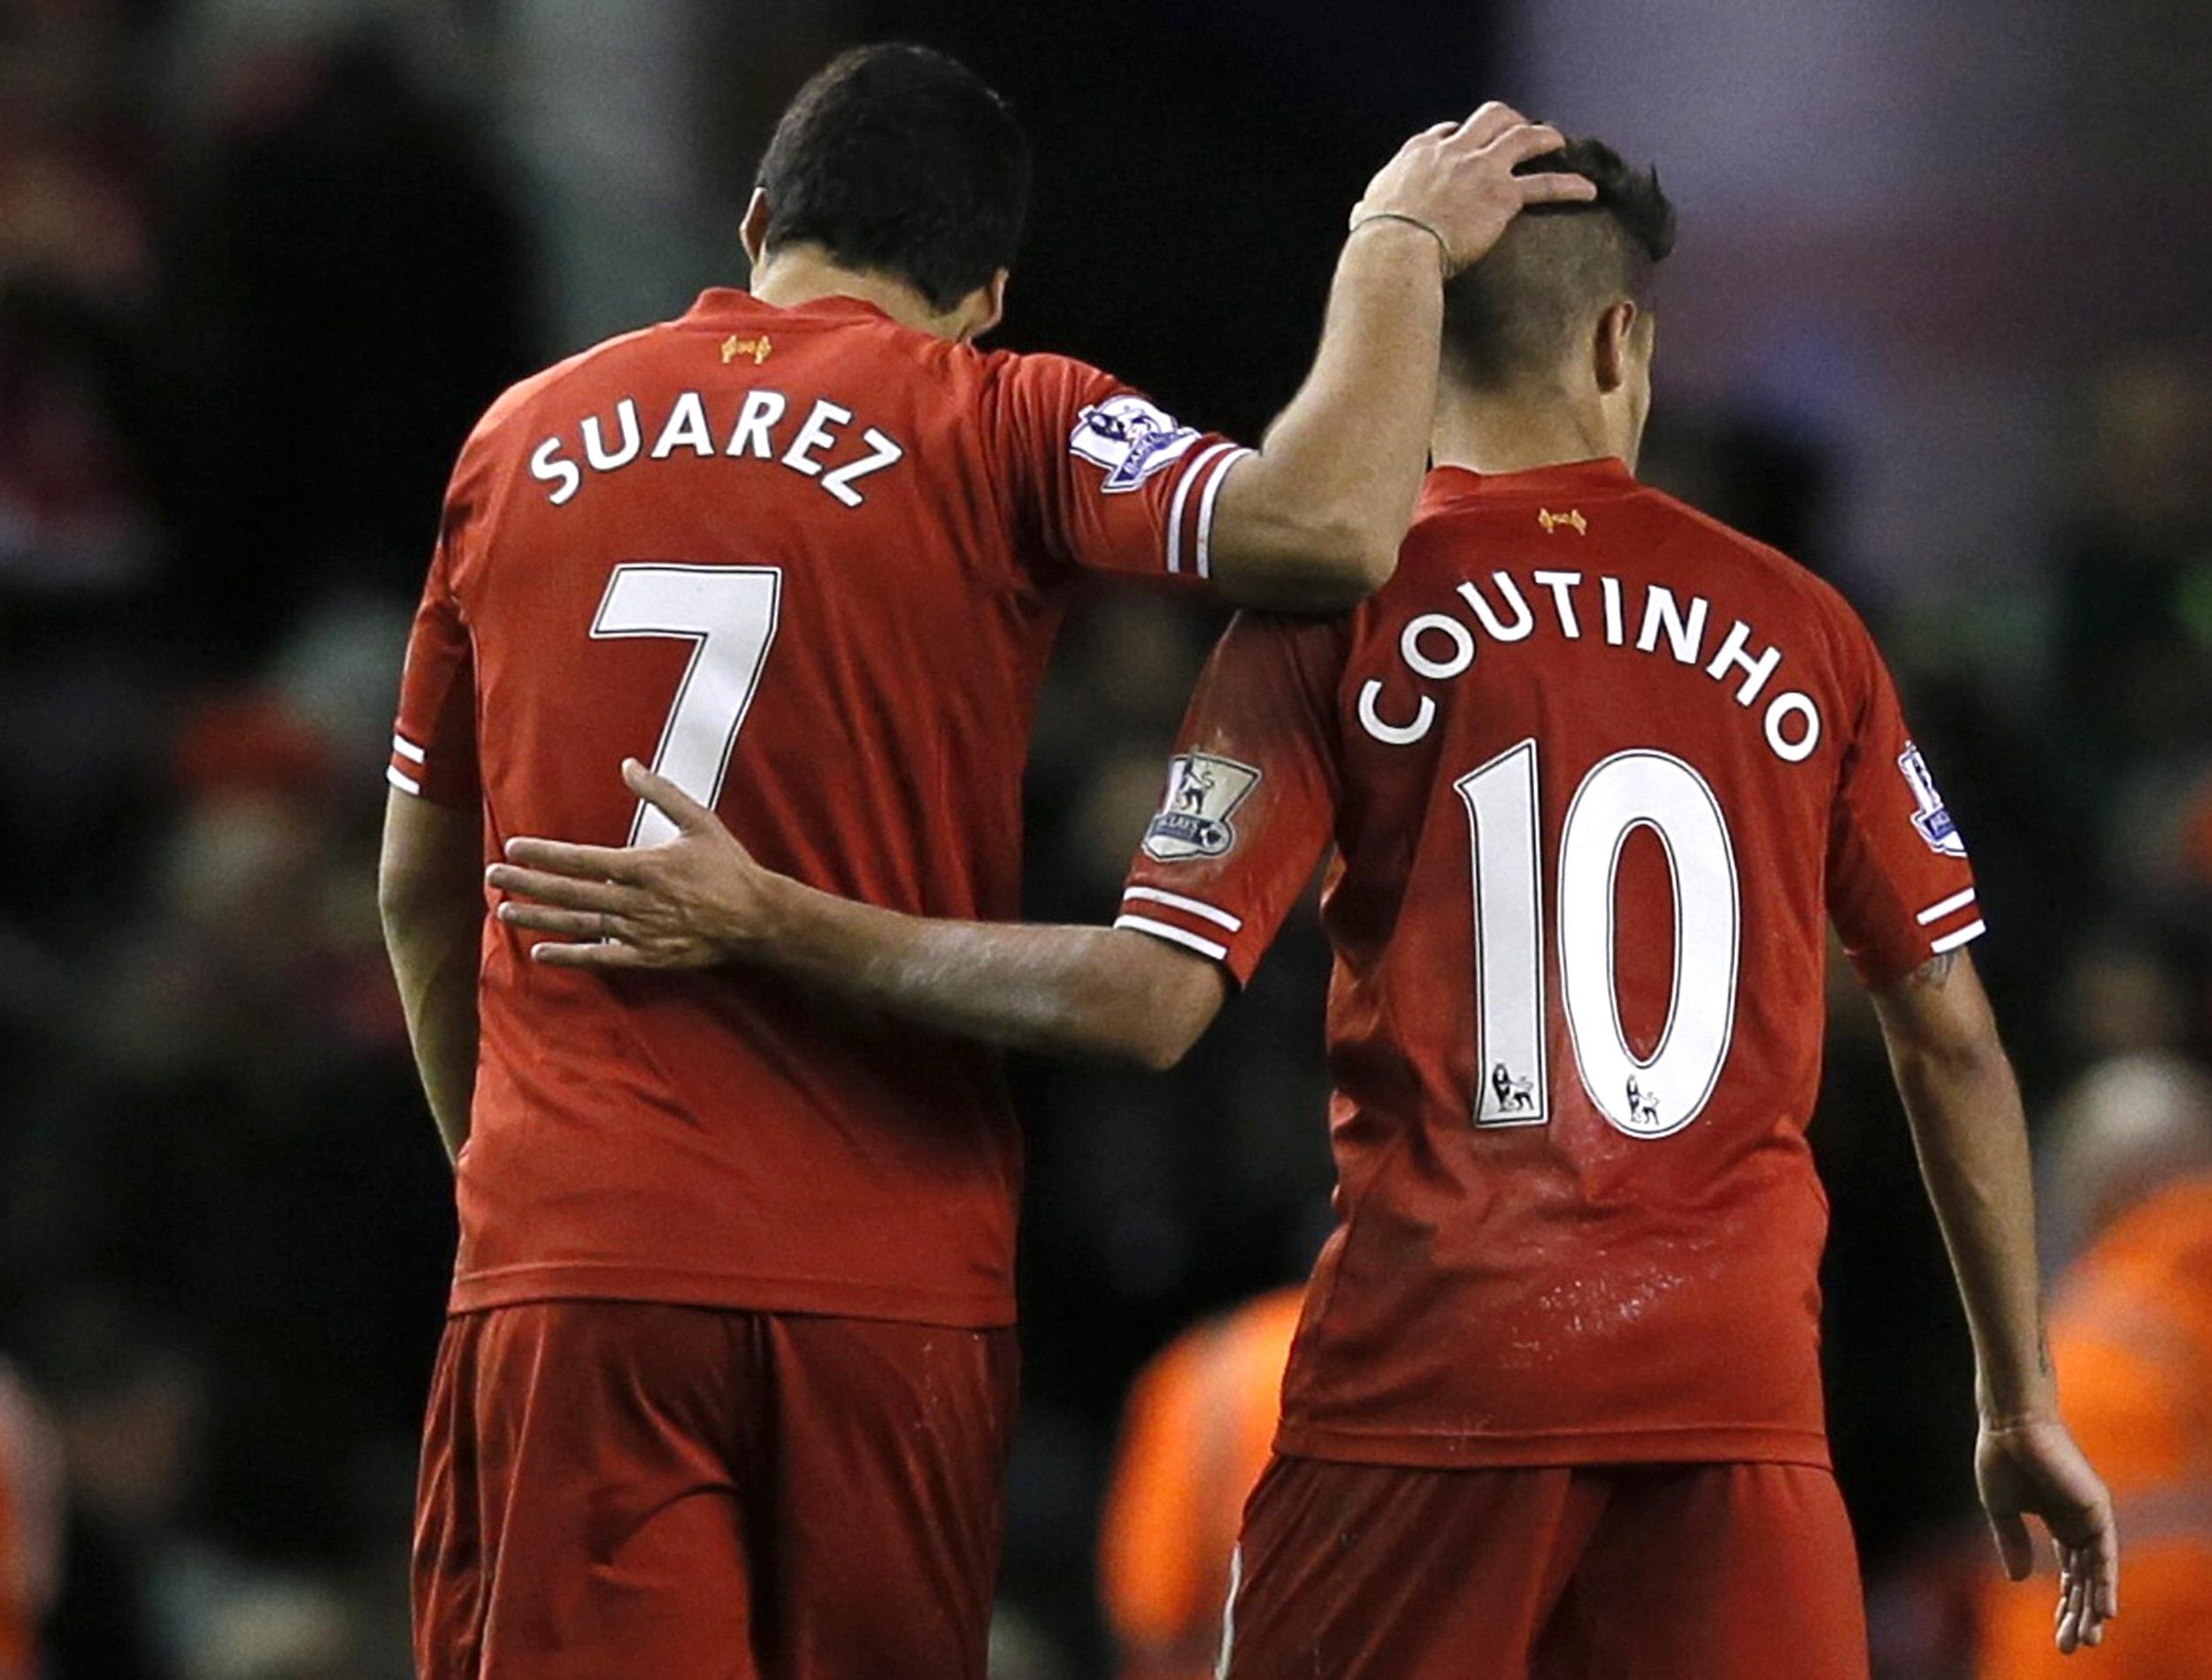 Suárez y Coutinho, ex-compañeros en el Liverpool. Squawka.com